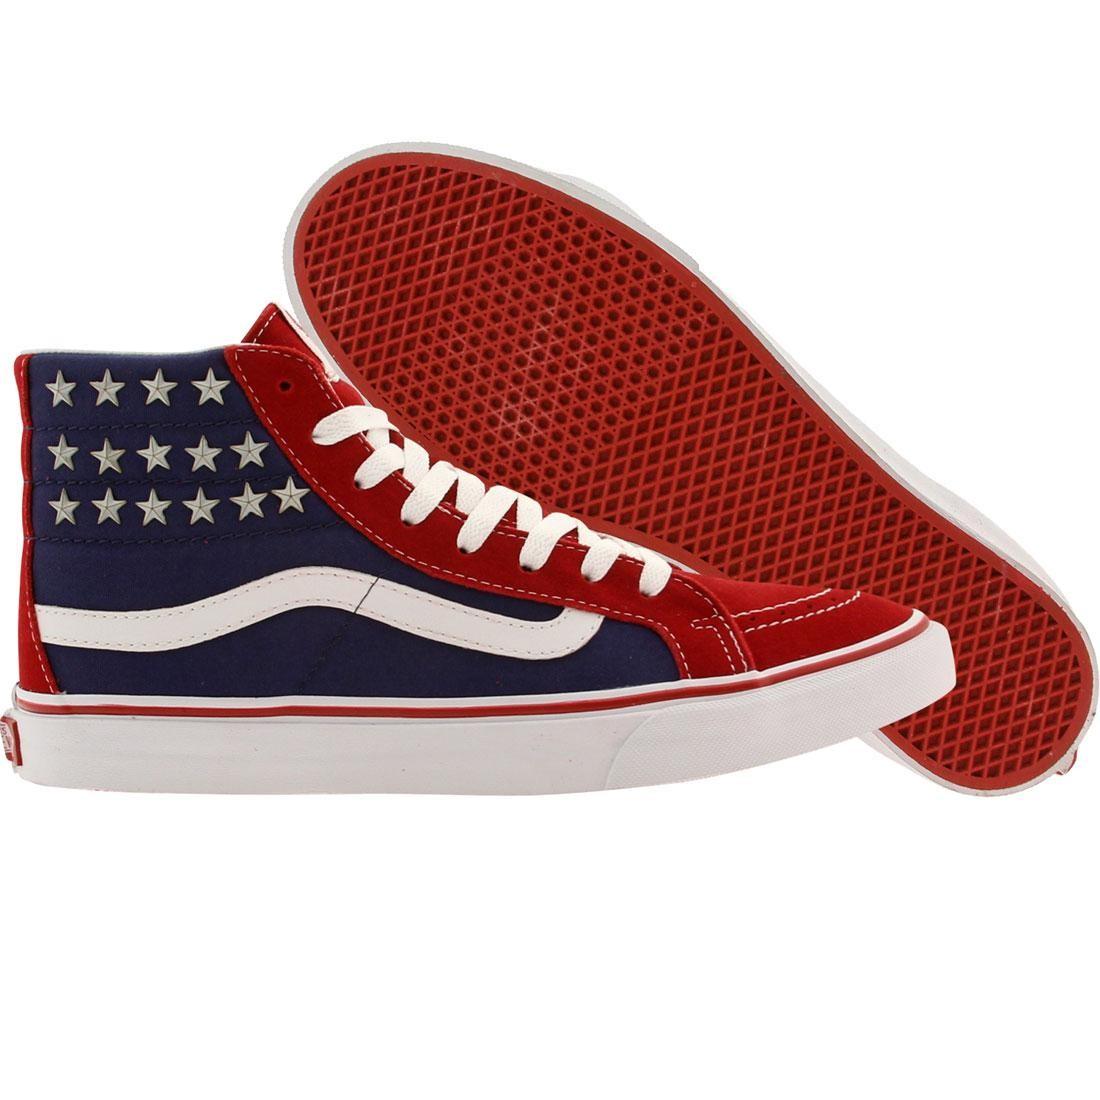 59a63422cf Vans Men Sk8-Hi Slim - Studded Stars red blue